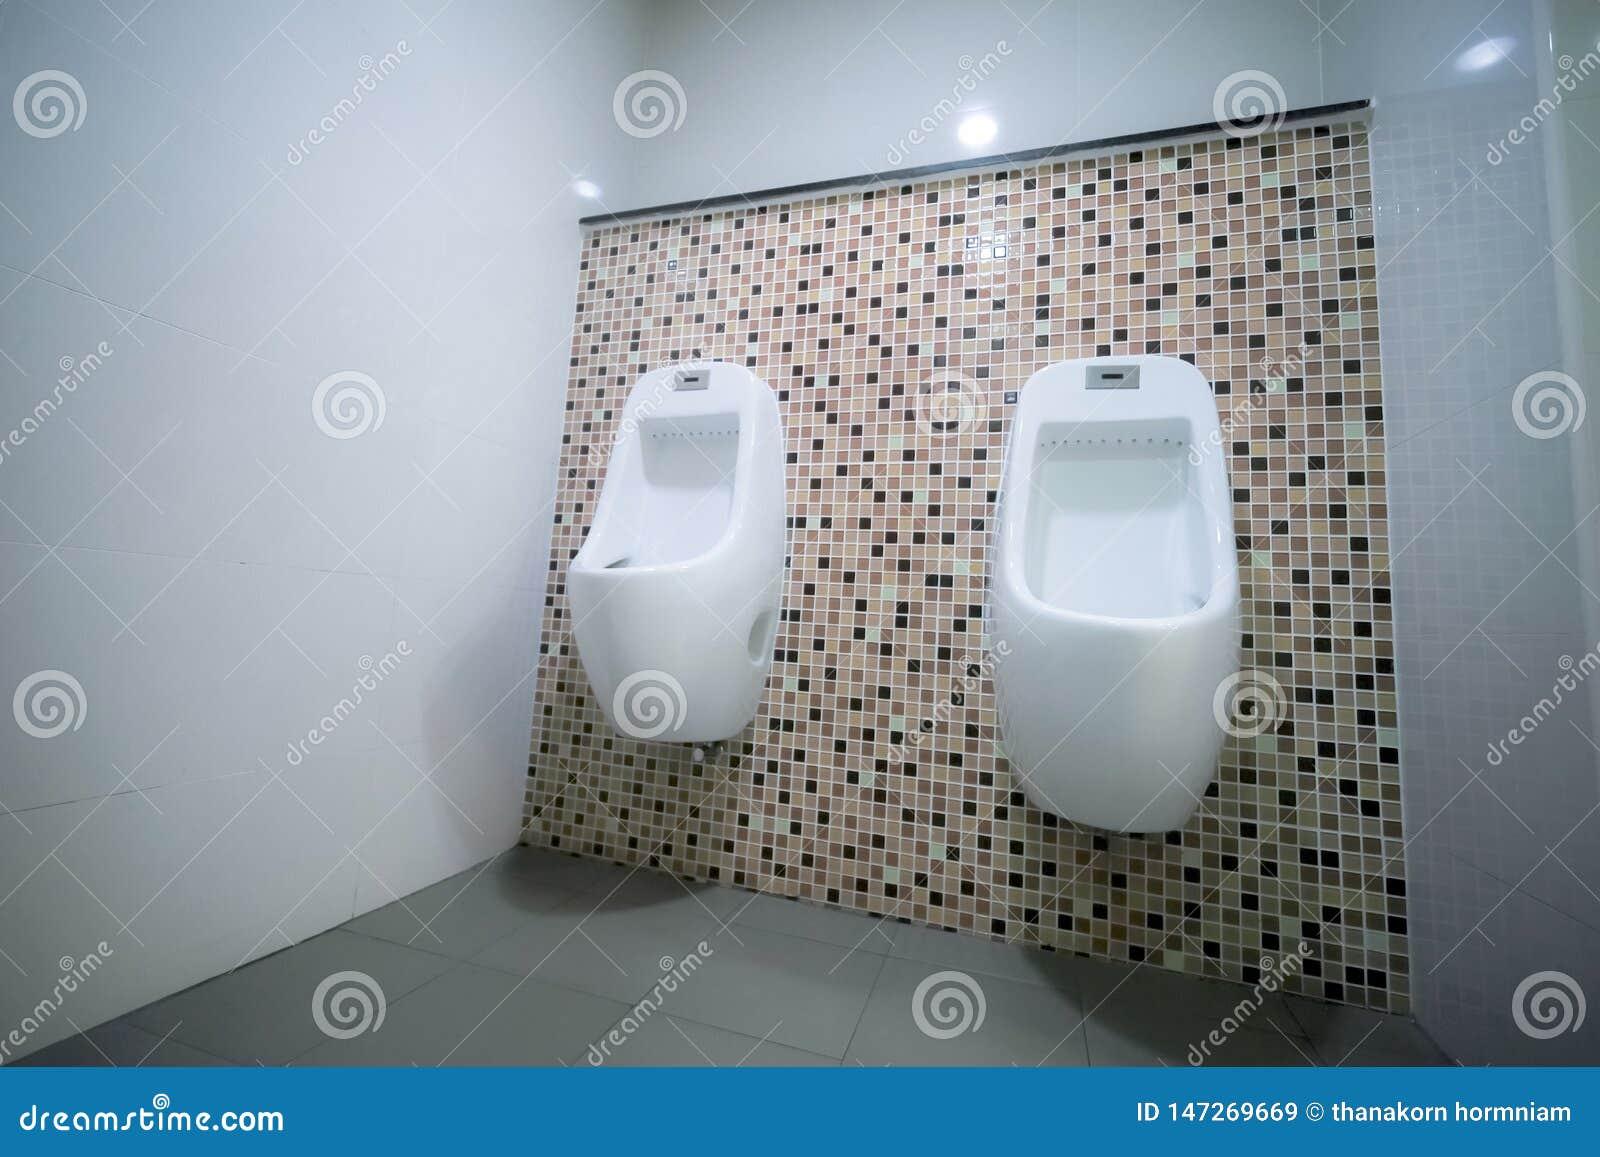 Мужские санитарные изделия